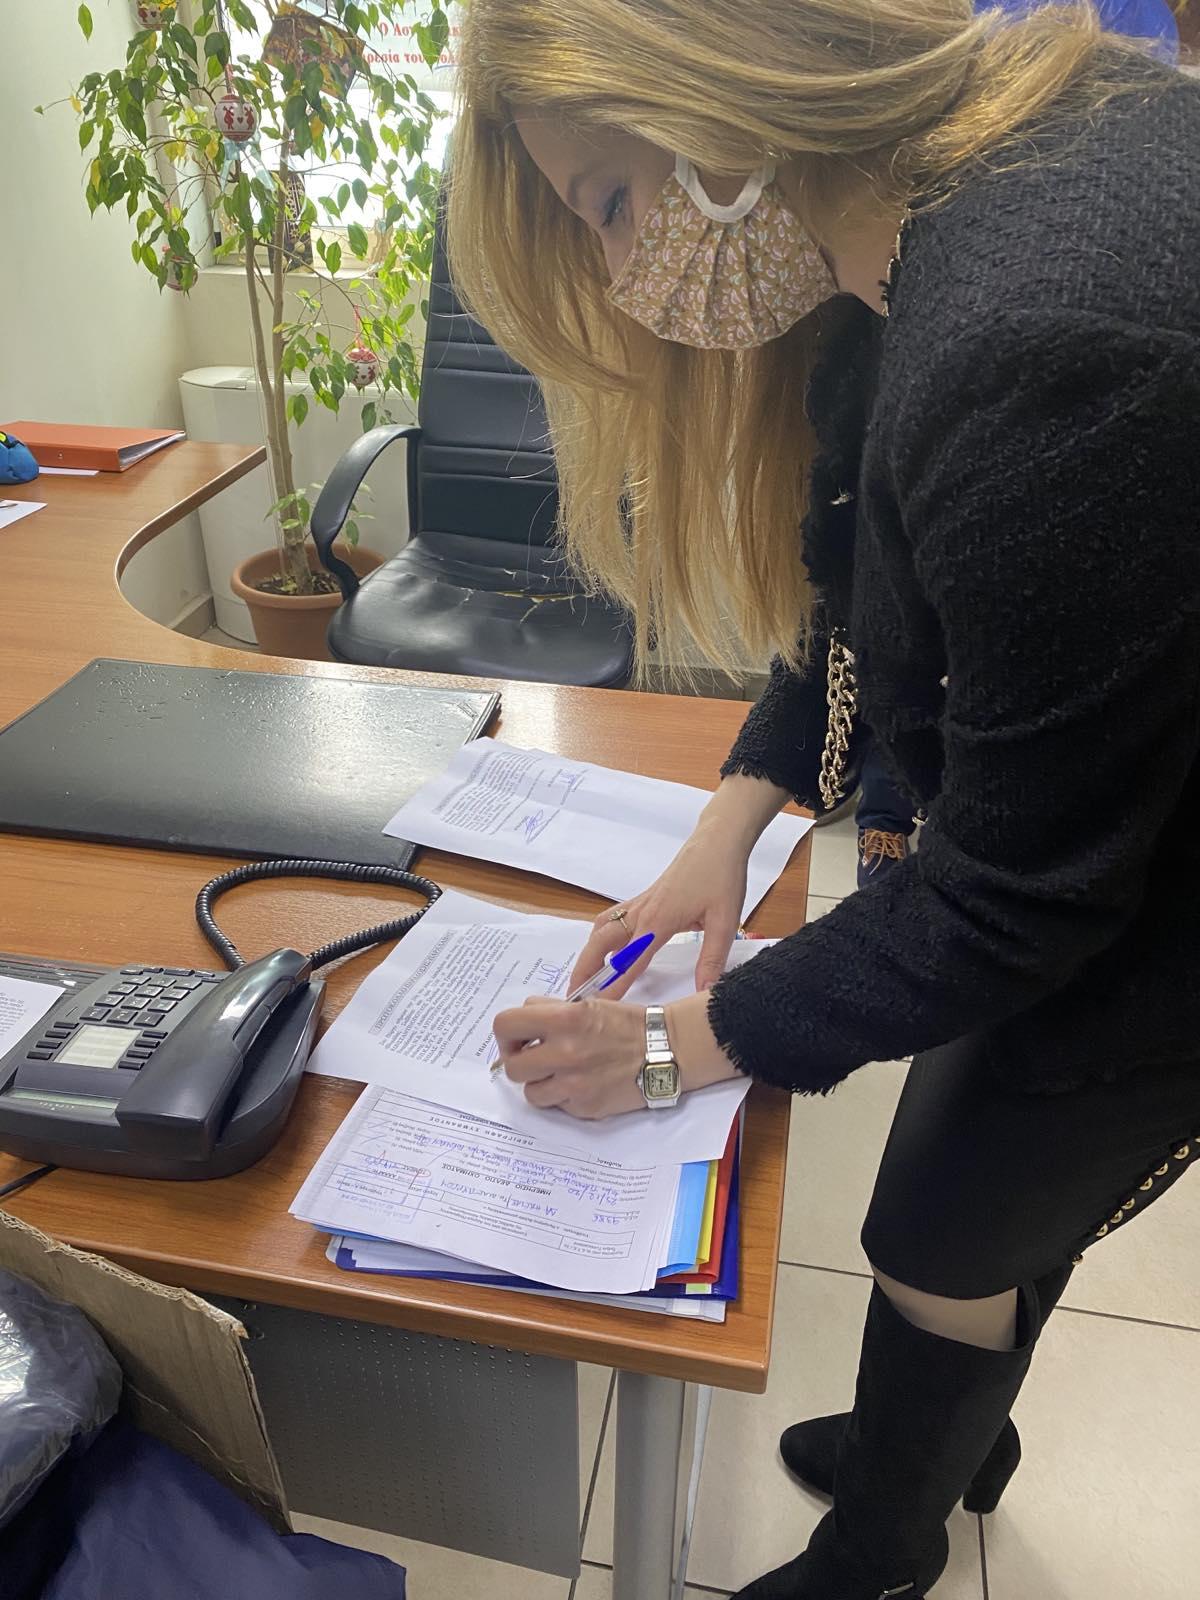 Πύργος: Σημαντική δωρεά προς την Διεύθυνση Αστυνομίας Ηλείας από την Βουλευτή Διονυσία Αυγερινοπούλου